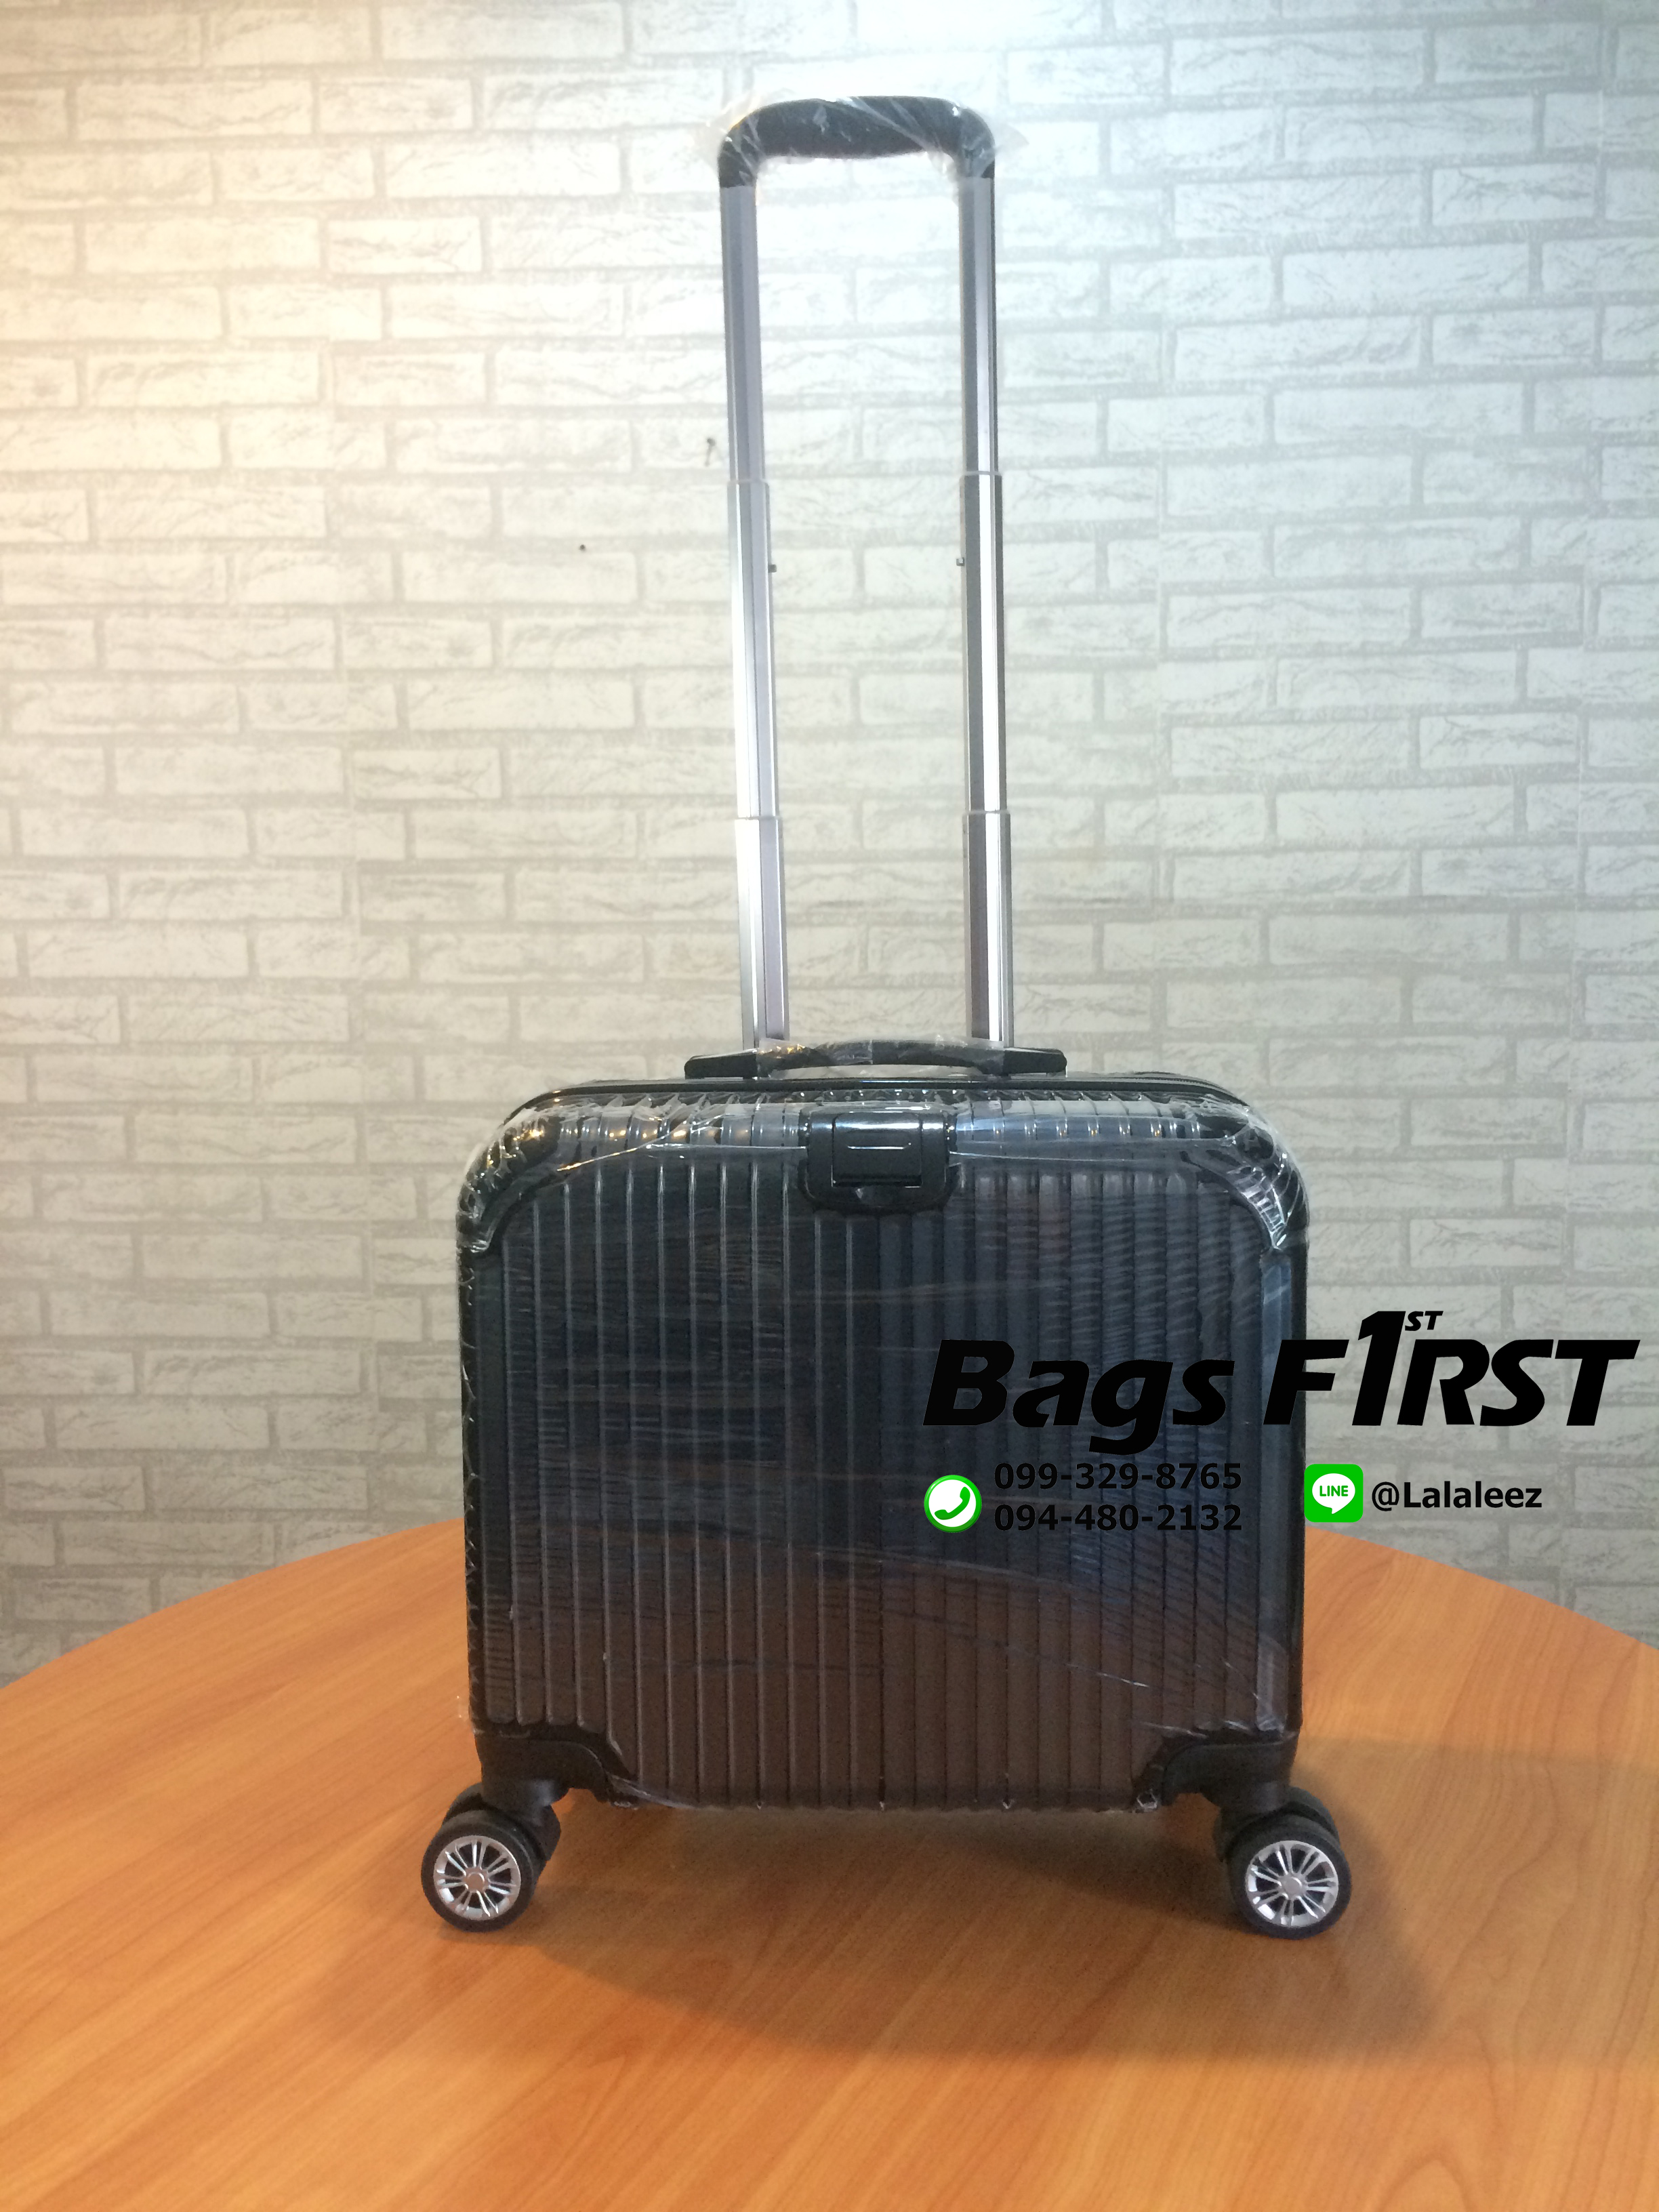 กระเป๋าเดินทาง กระเป๋าเดินทางล้อลาก กระเป๋าเดินทางถืิอขึ้นเครื่อง กระเป๋าลากใบเล็ก